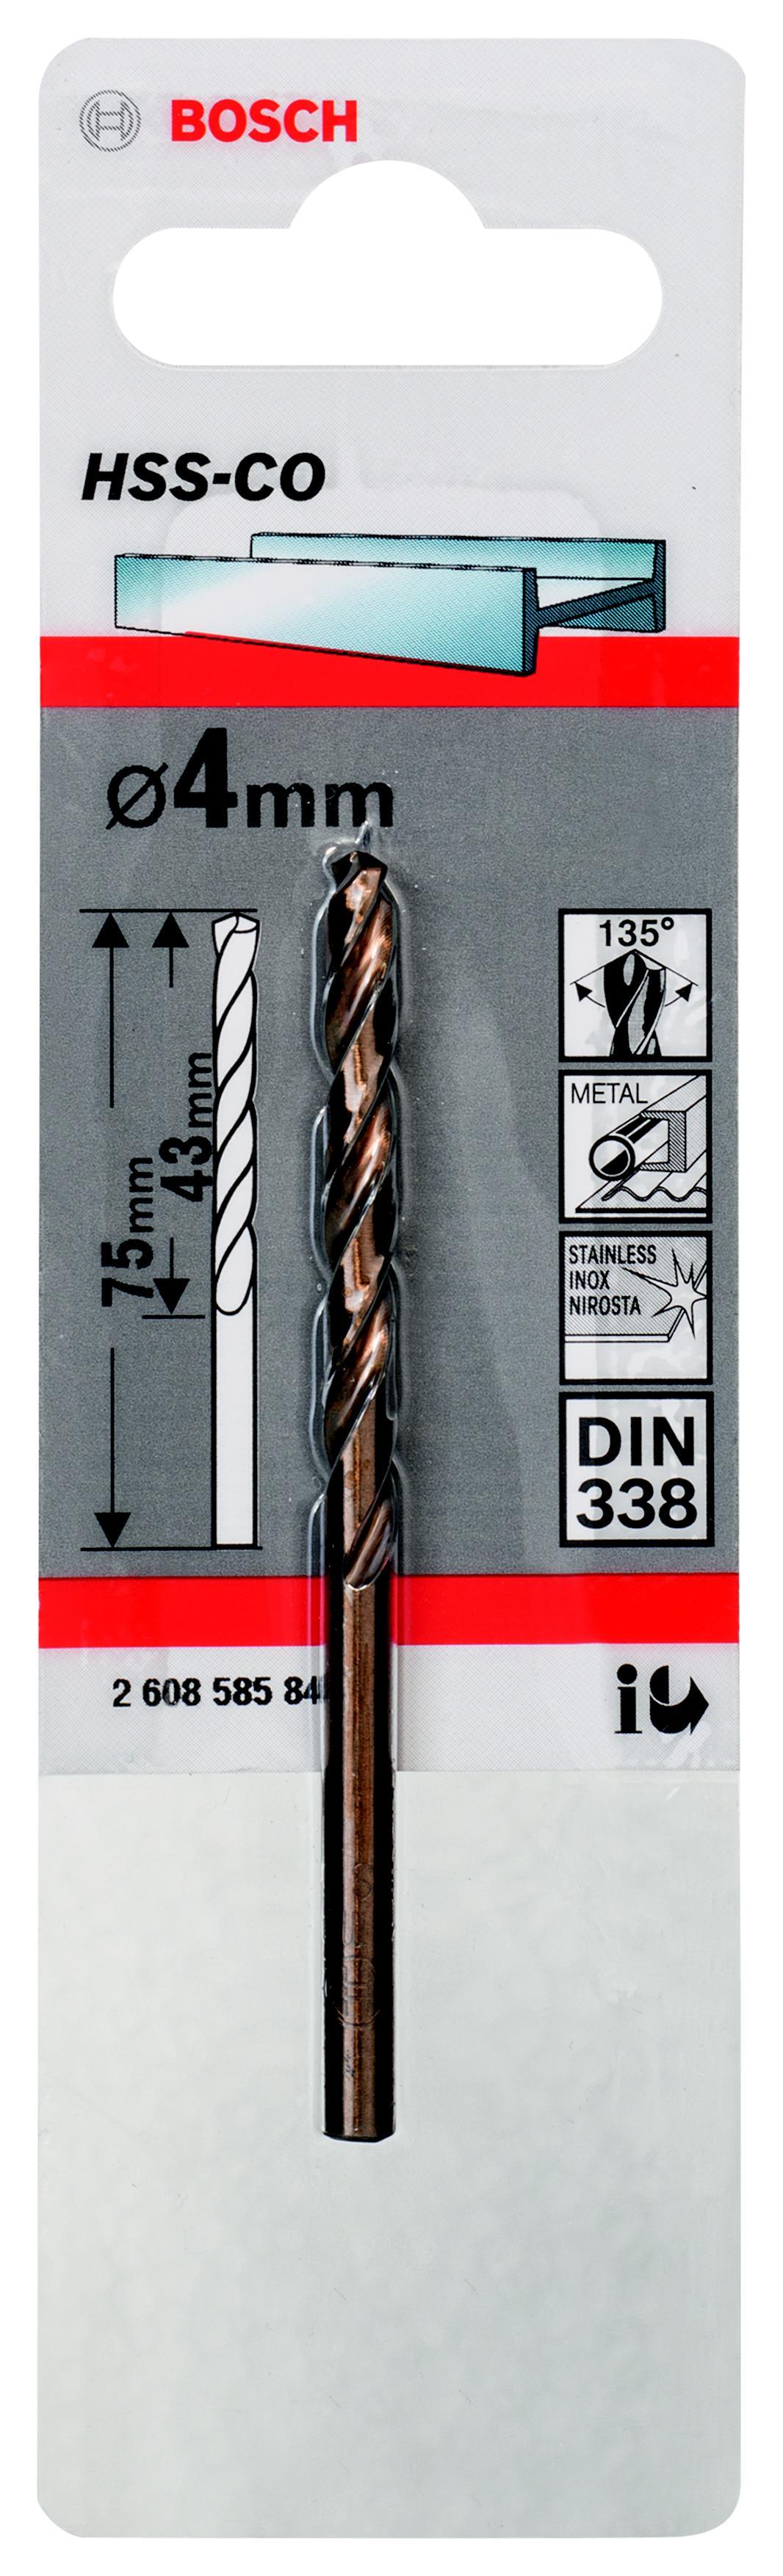 Сверло Bosch 1 hss-co (2.608.585.846) аксессуары veld co набор переводных татуировок черепа